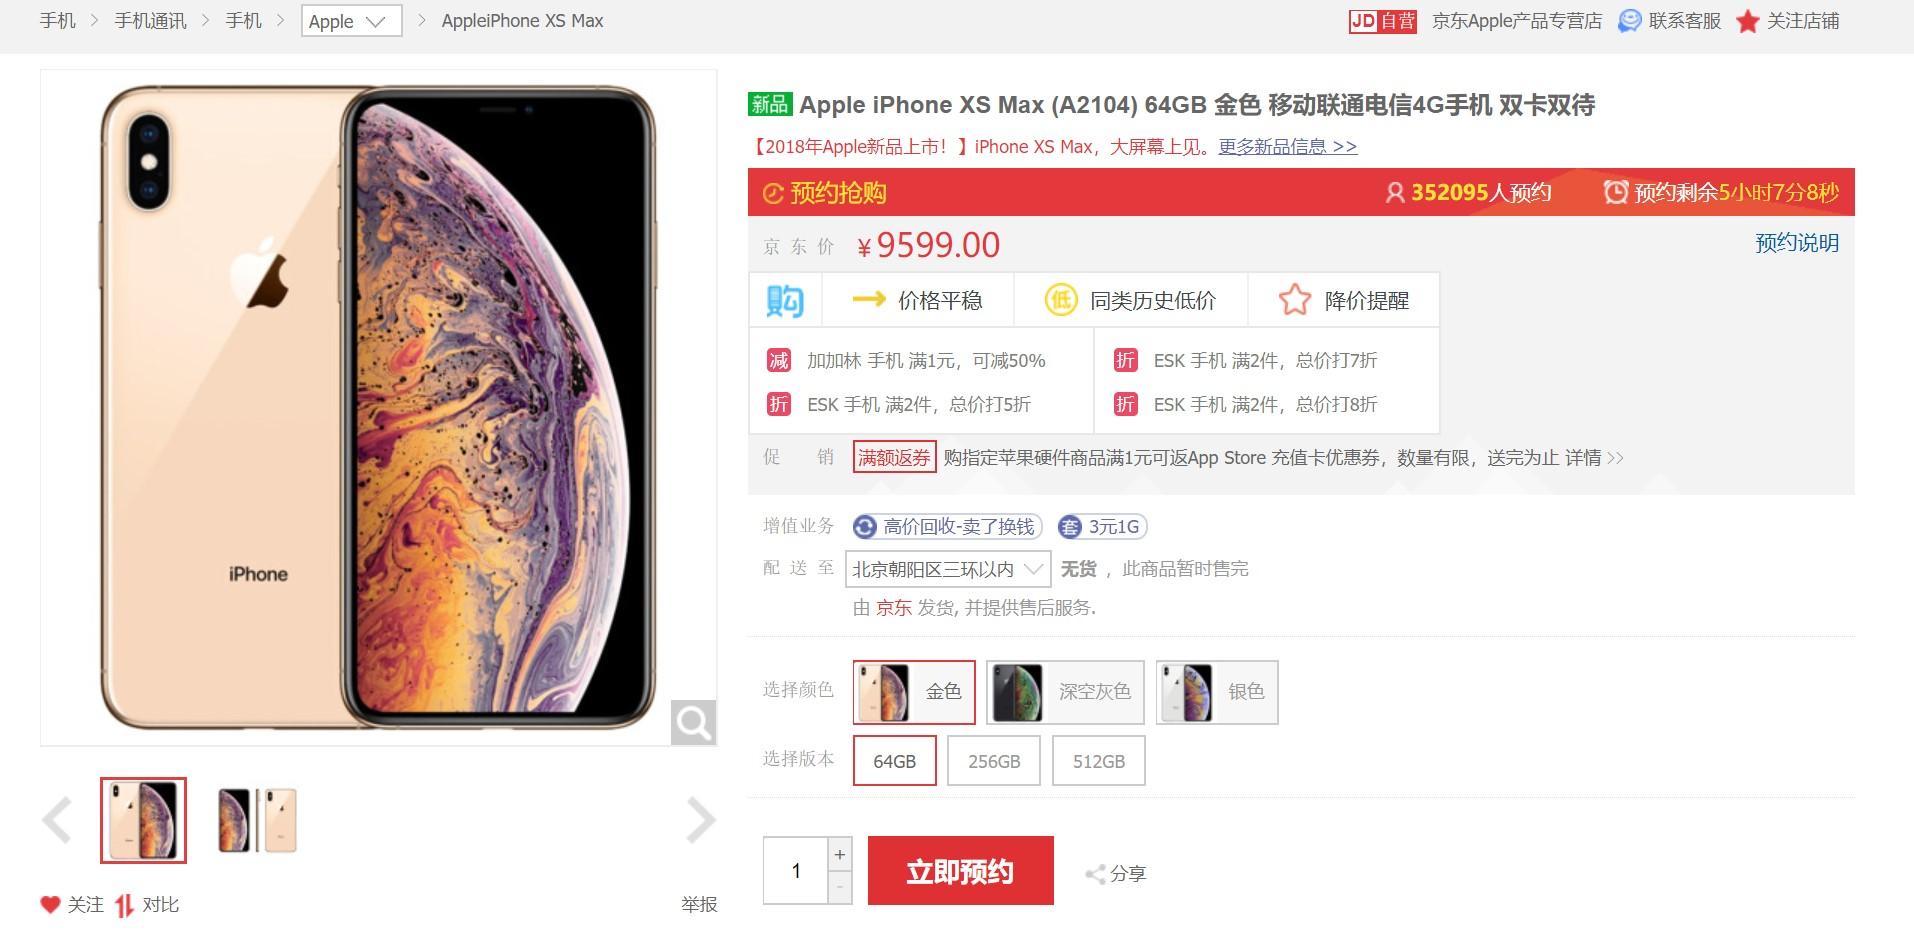 8699元起:苹果iPhone XS/XS Max京东预约人数逼近55万